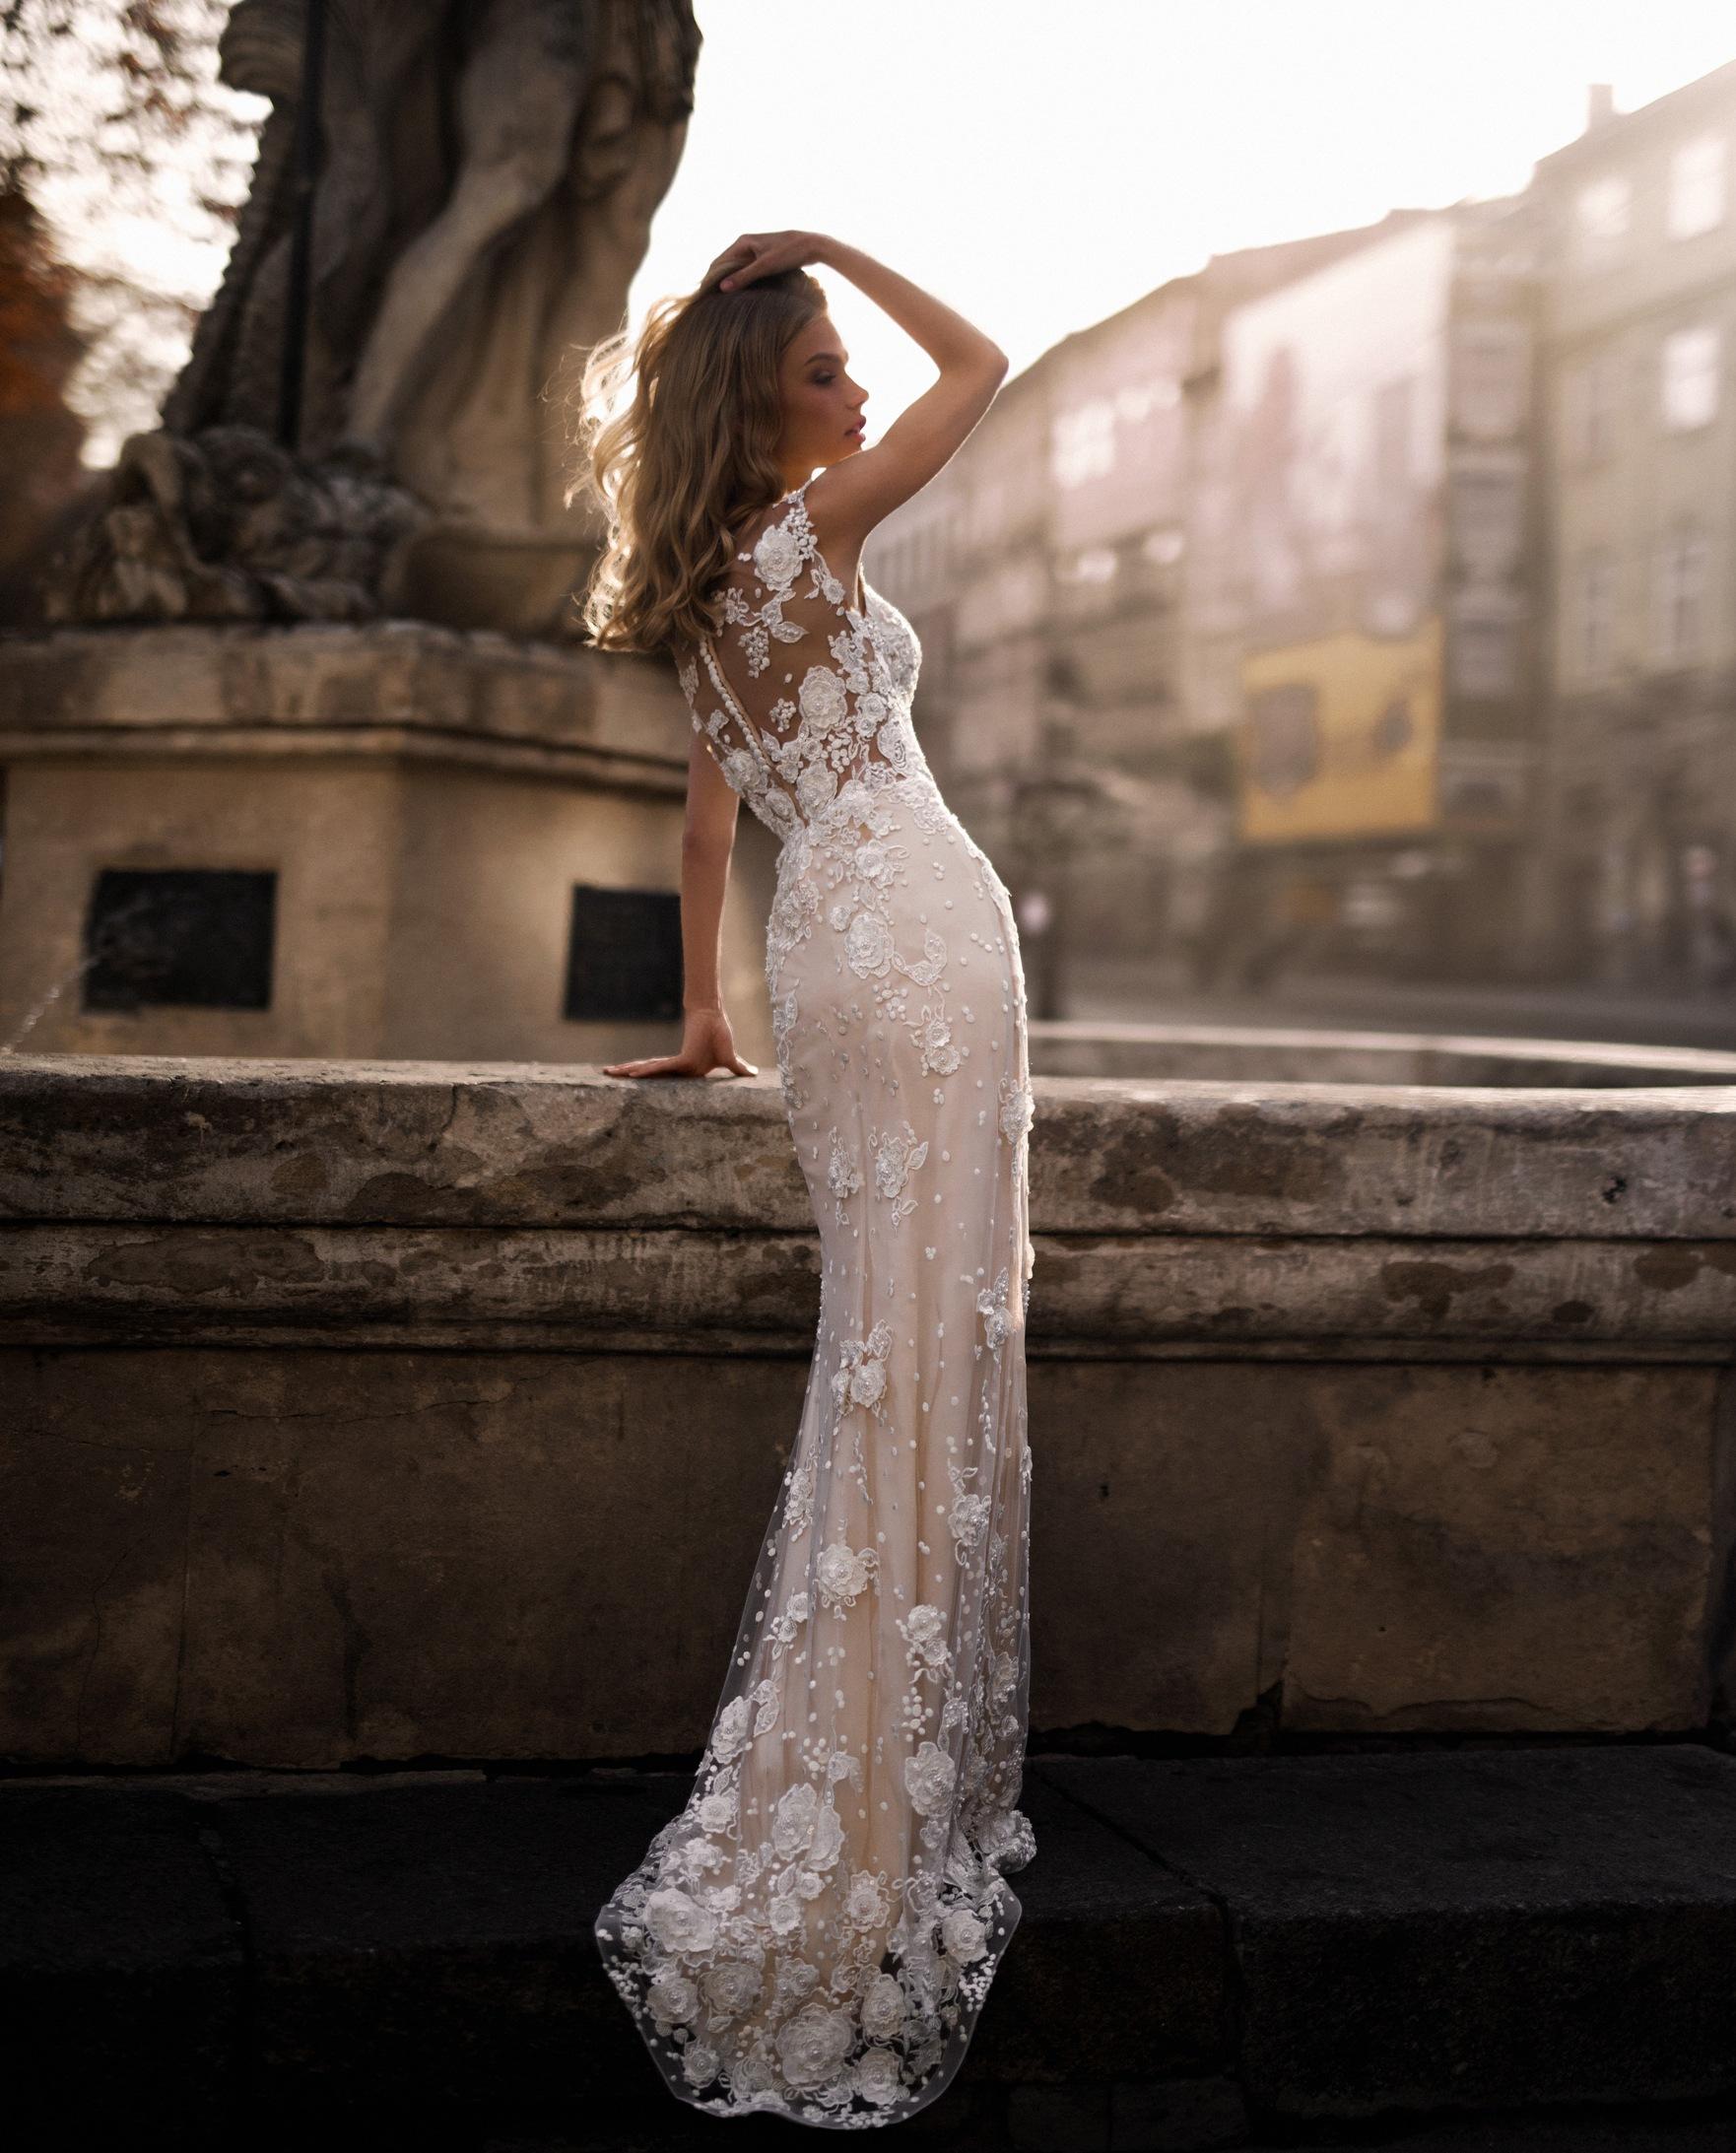 4284ef77240 Купить свадебное платье в Киеве недорого. Лучшие цены на платья ...